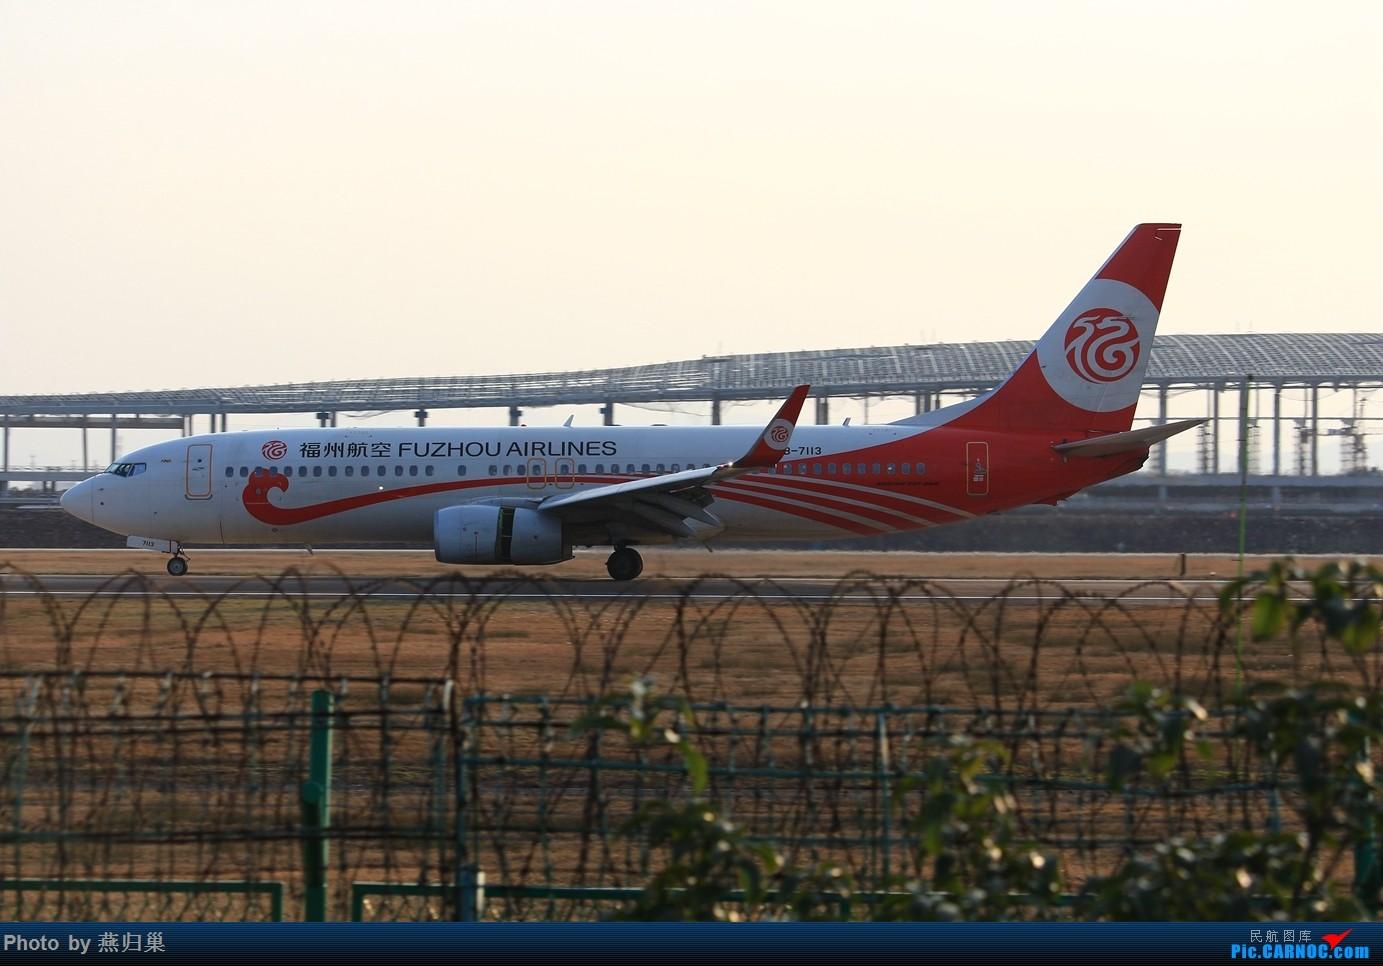 Re:[原创]【宁波飞友会】年前NGB拍机合集 BOEING 737-800 B-7113 中国宁波栎社国际机场